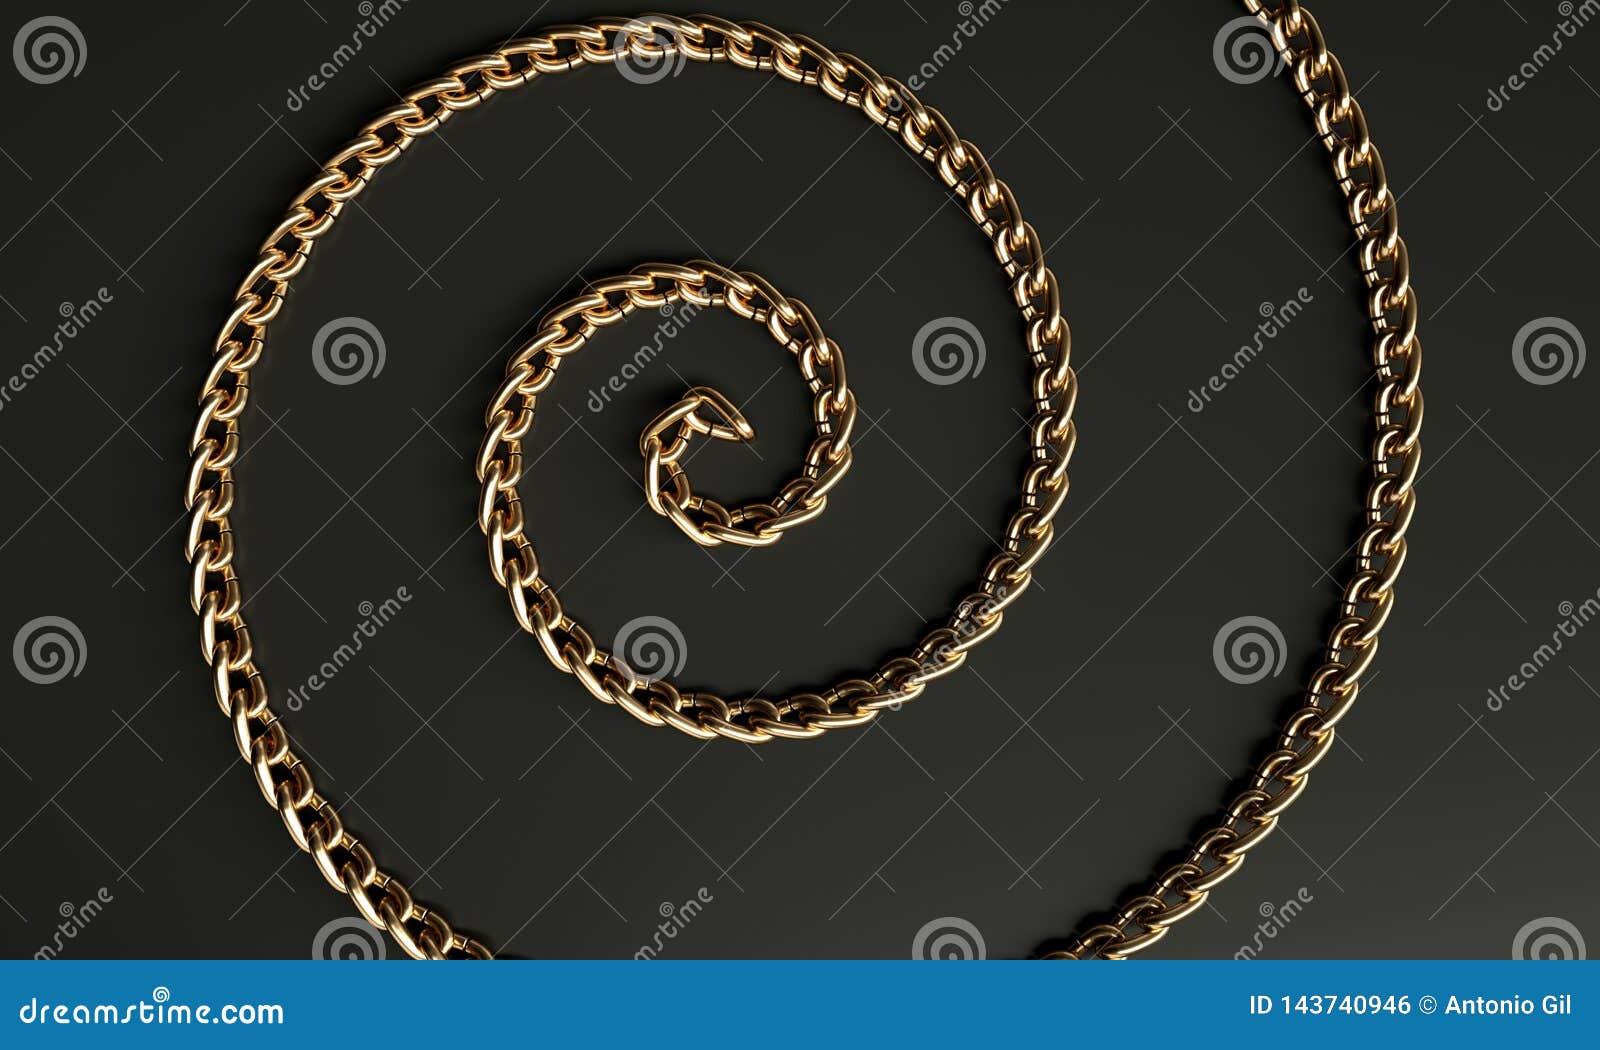 Espiral metálico de oro